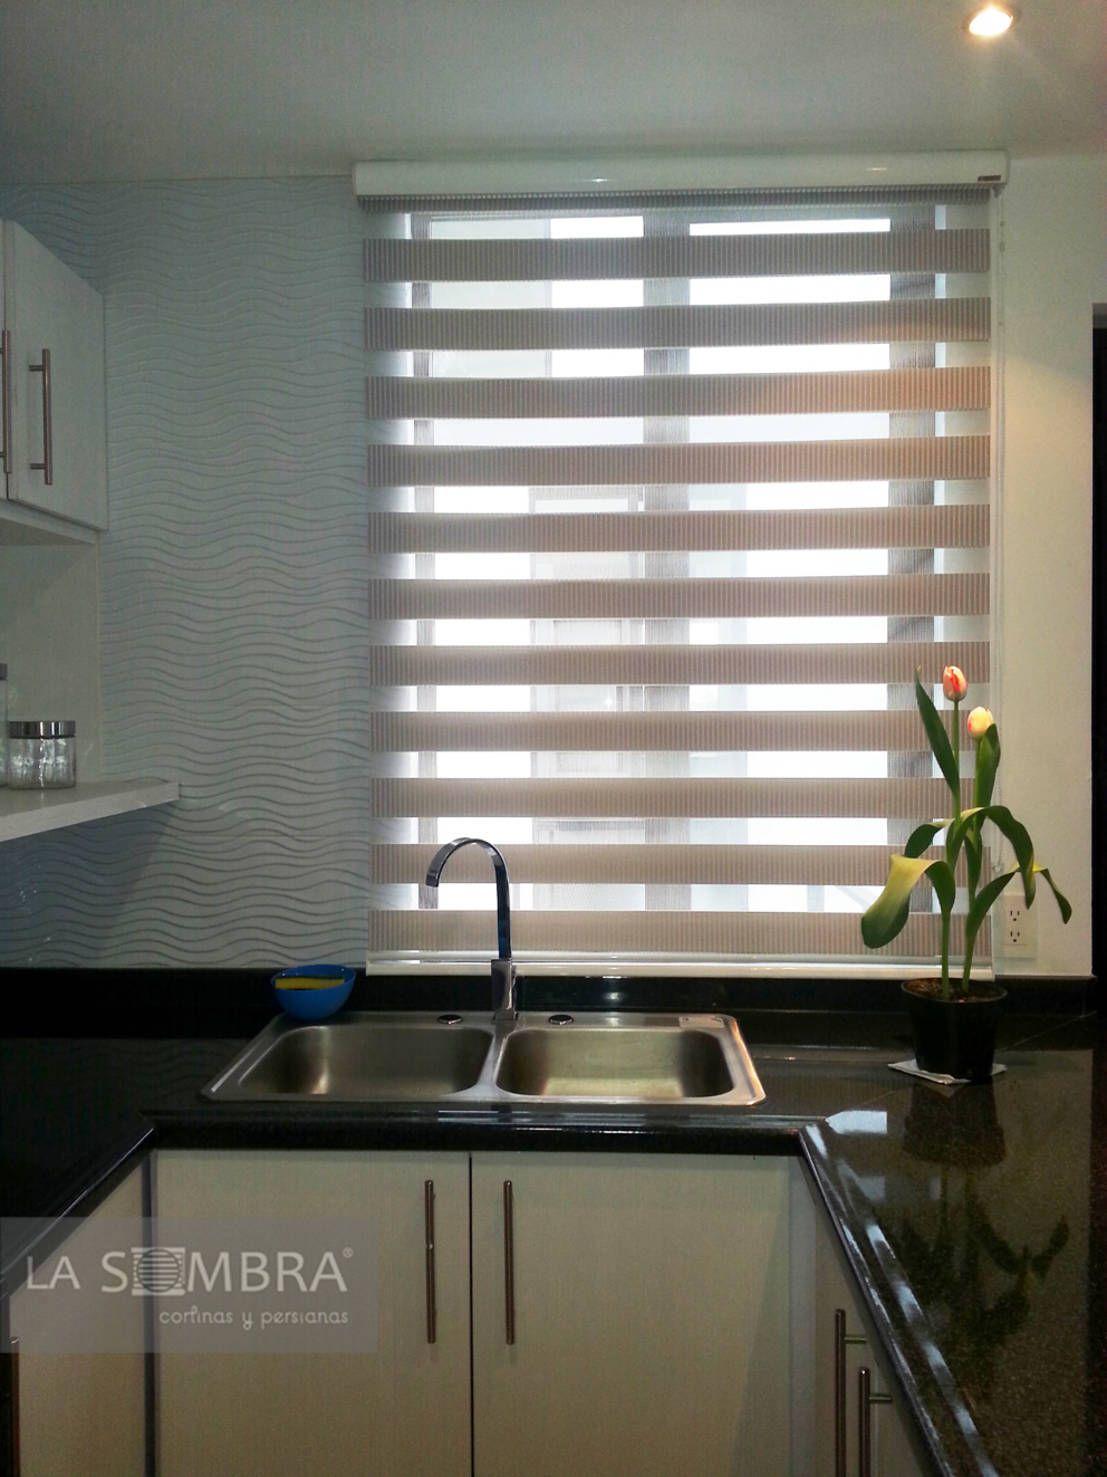 Cocinas de persianas la sombra en 2019 cortinas - Persianas para cocina ...